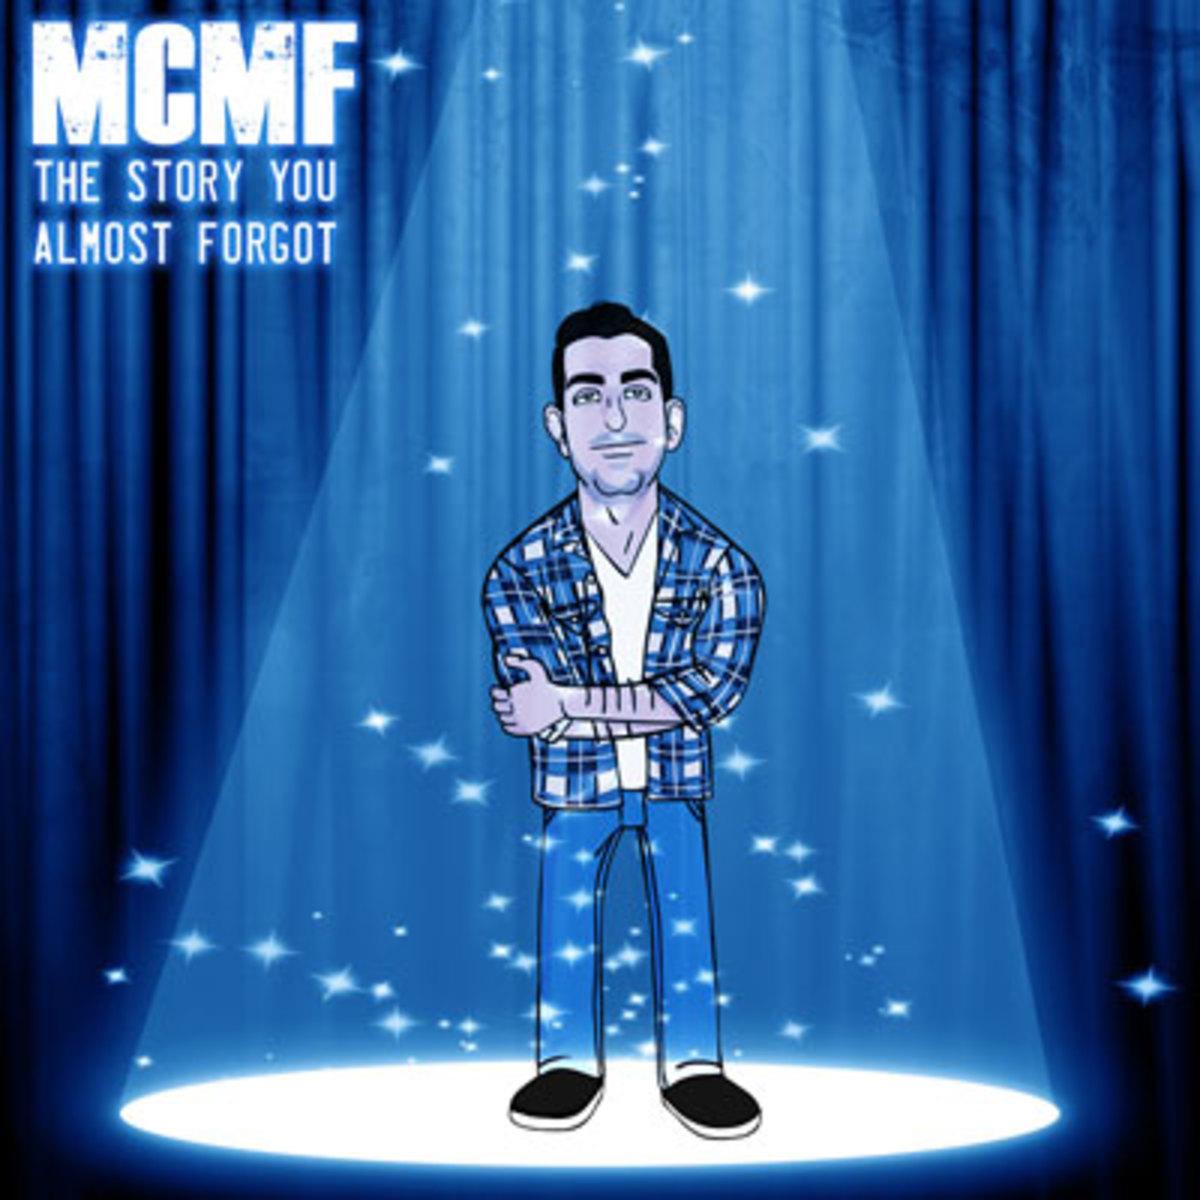 mcmf-thestoryyou.jpg